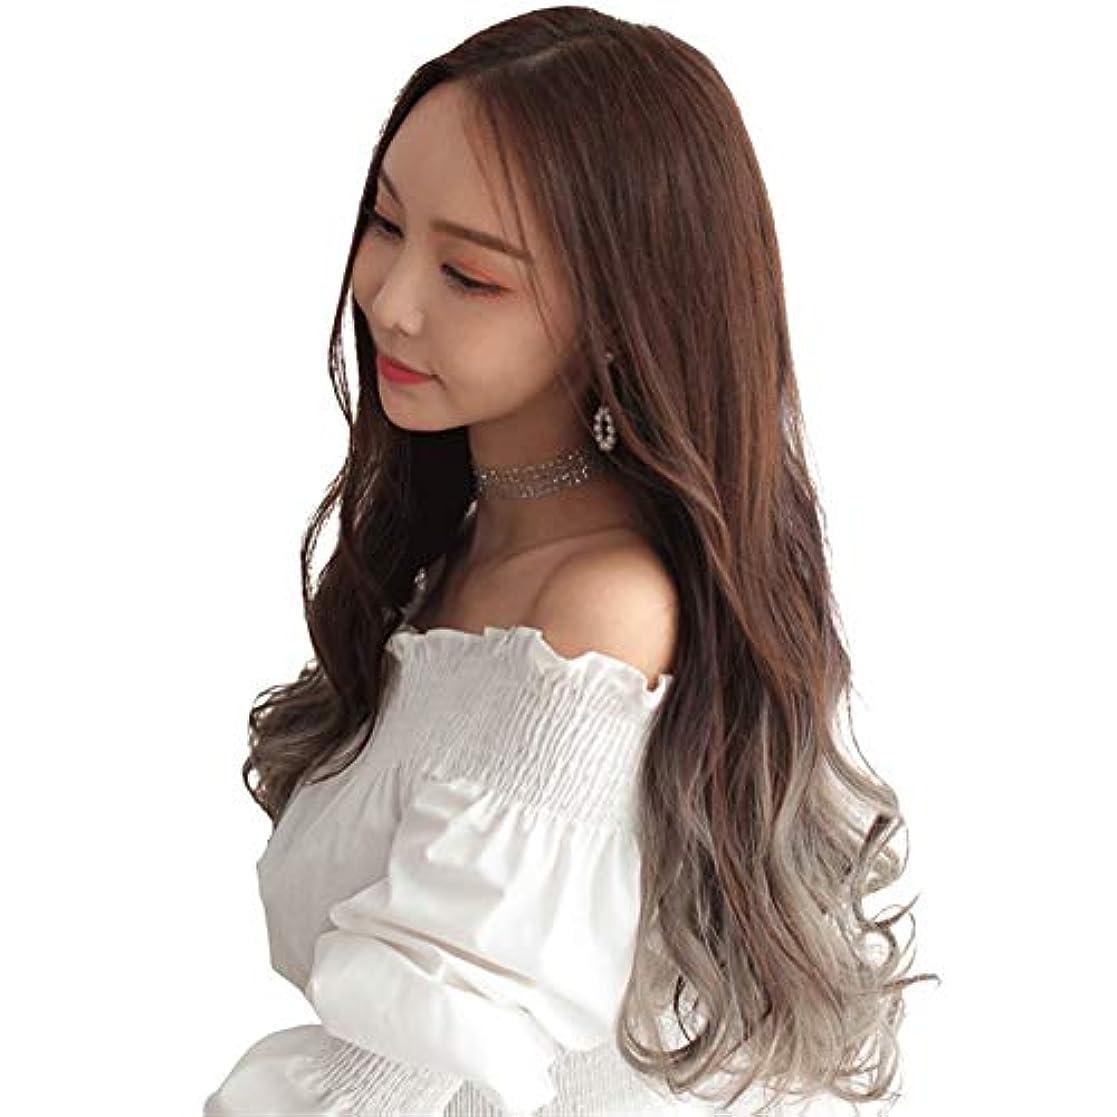 加速する十年説明するKX-QIN かつら女性の長い巻き毛の大きな波ネット赤いかわいいかつらU字型ハーフヘッドファッショングラデーションカラー化学繊維かつらセット パーティーに参加する (Color : Chocolate dyed thin...